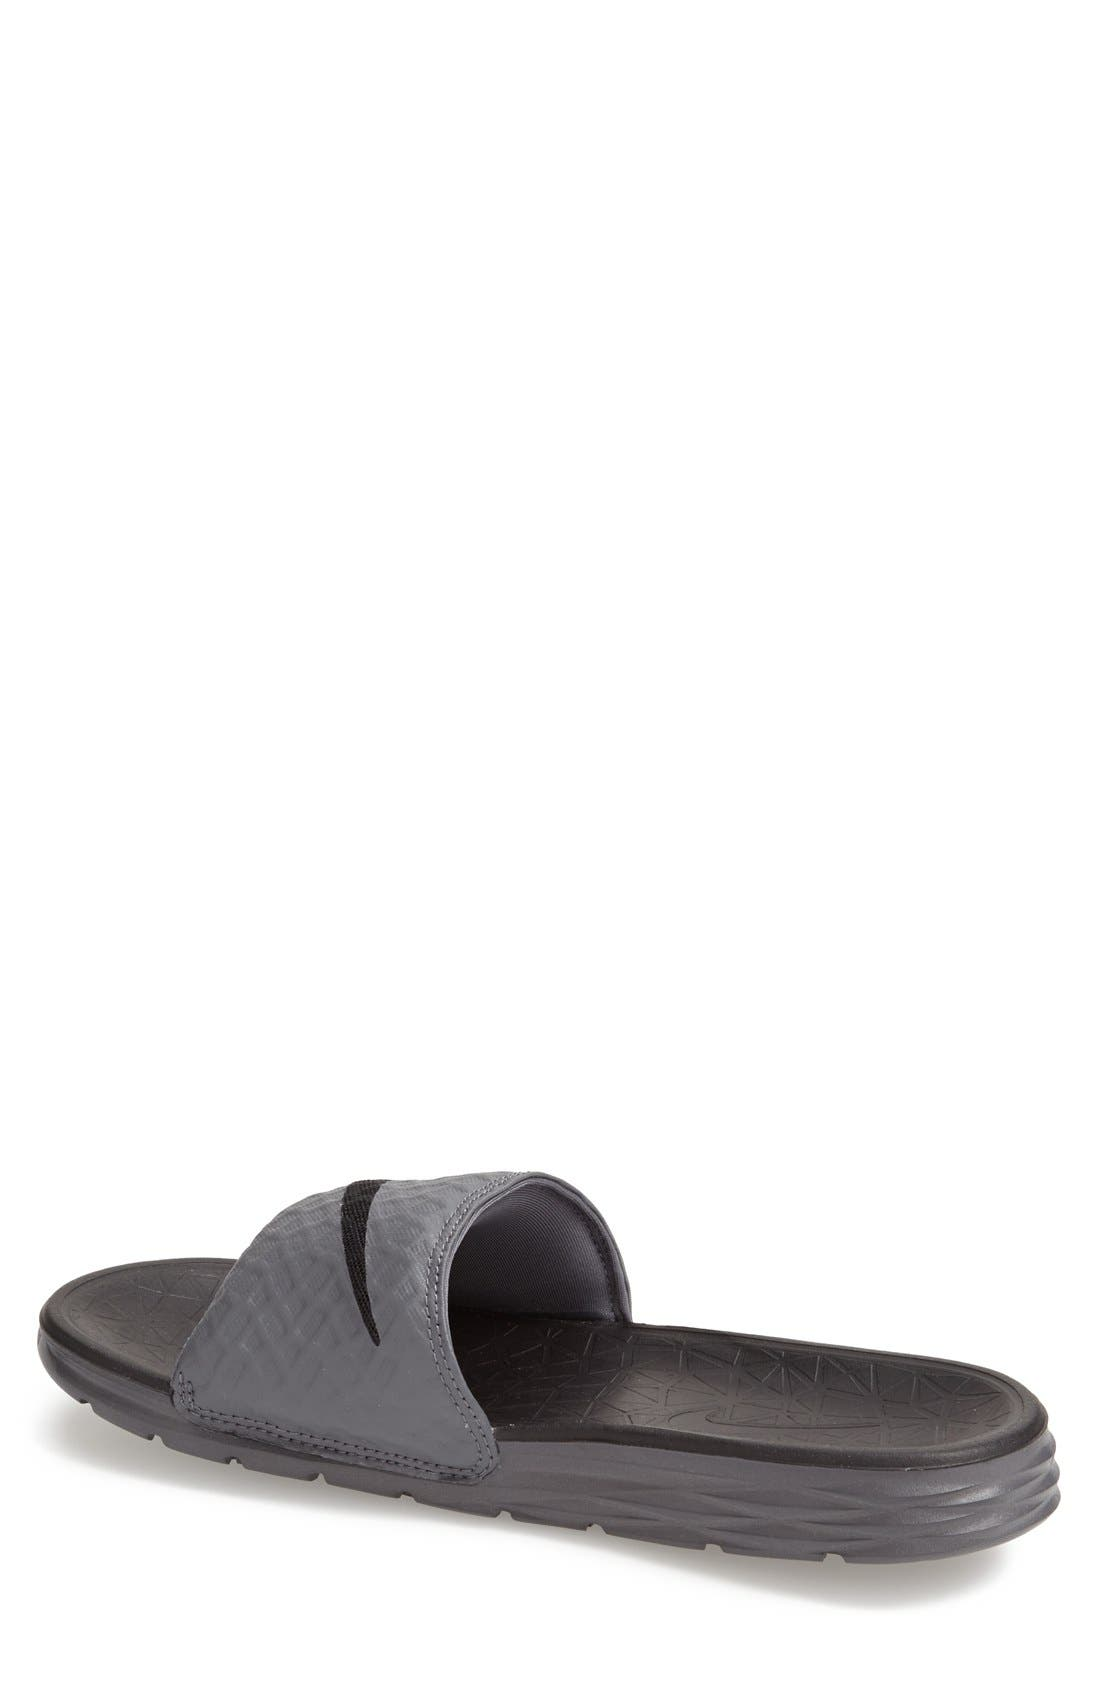 1c0bc04ae Men's Pool Slide Sandals, Slides & Flip-Flops | Nordstrom